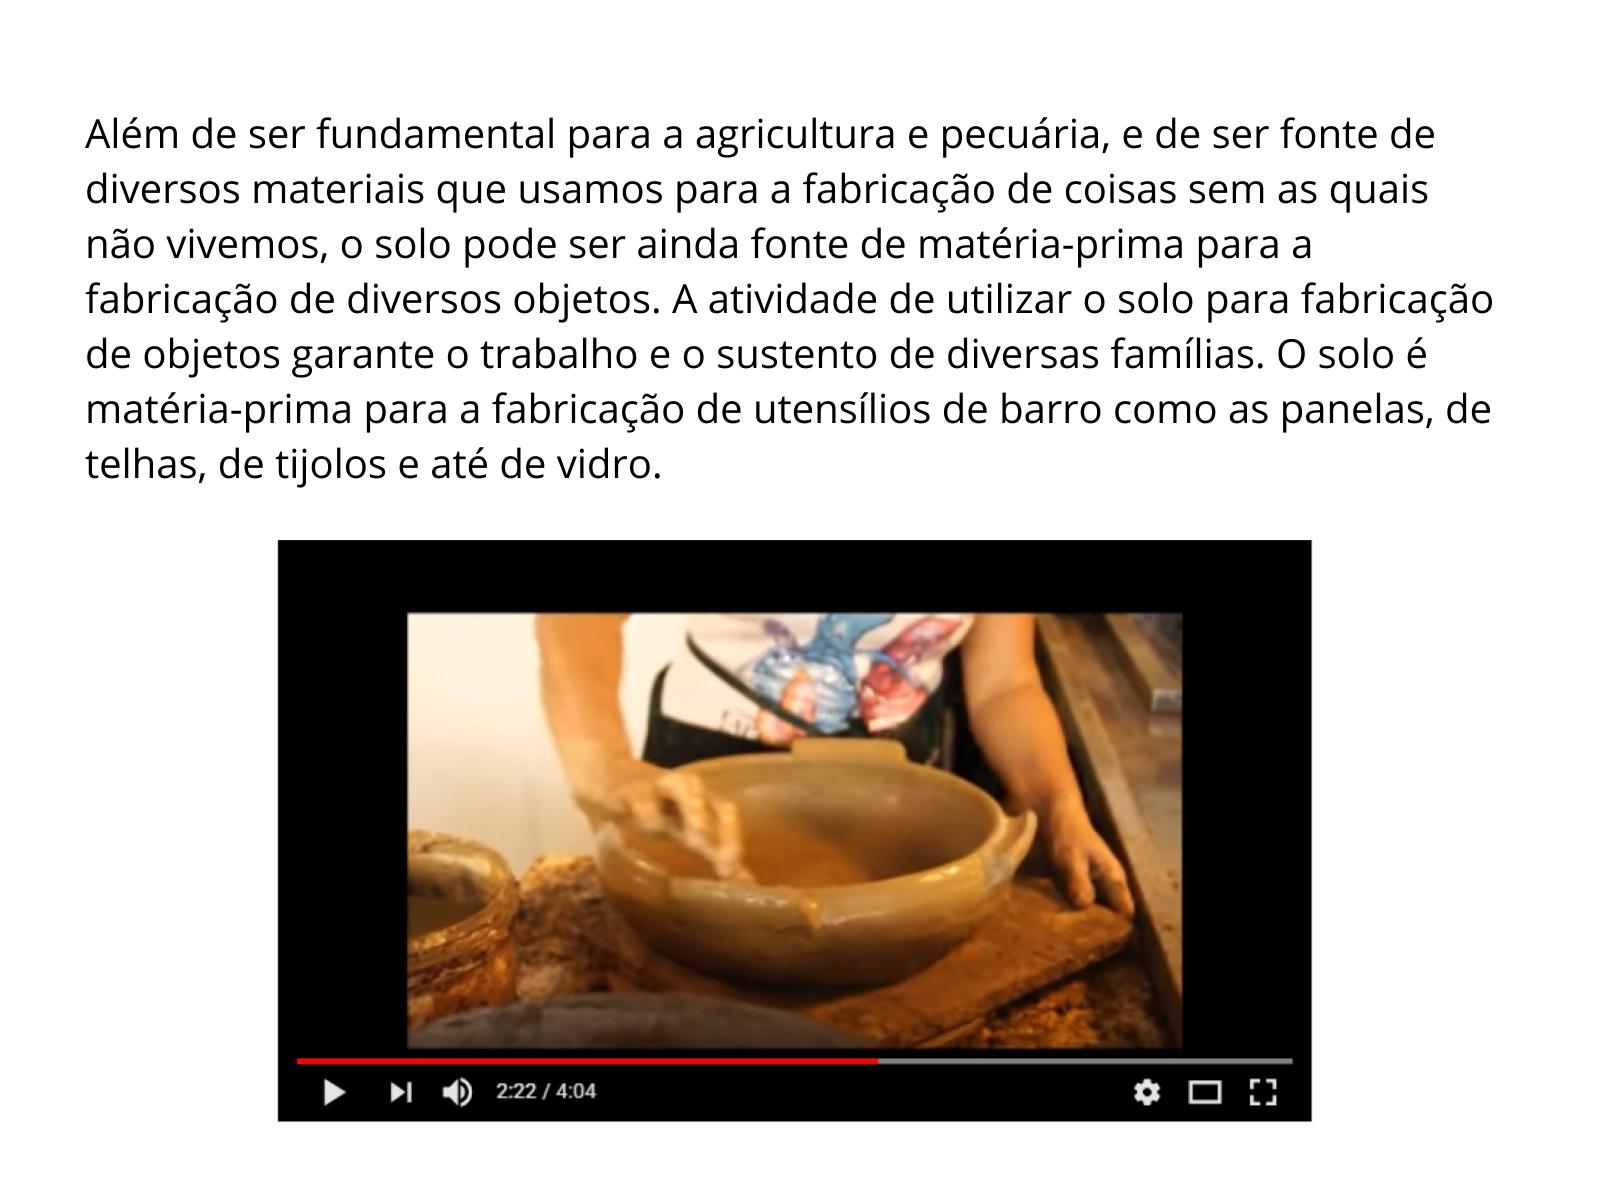 O solo como matéria-prima na fabricação de objetos